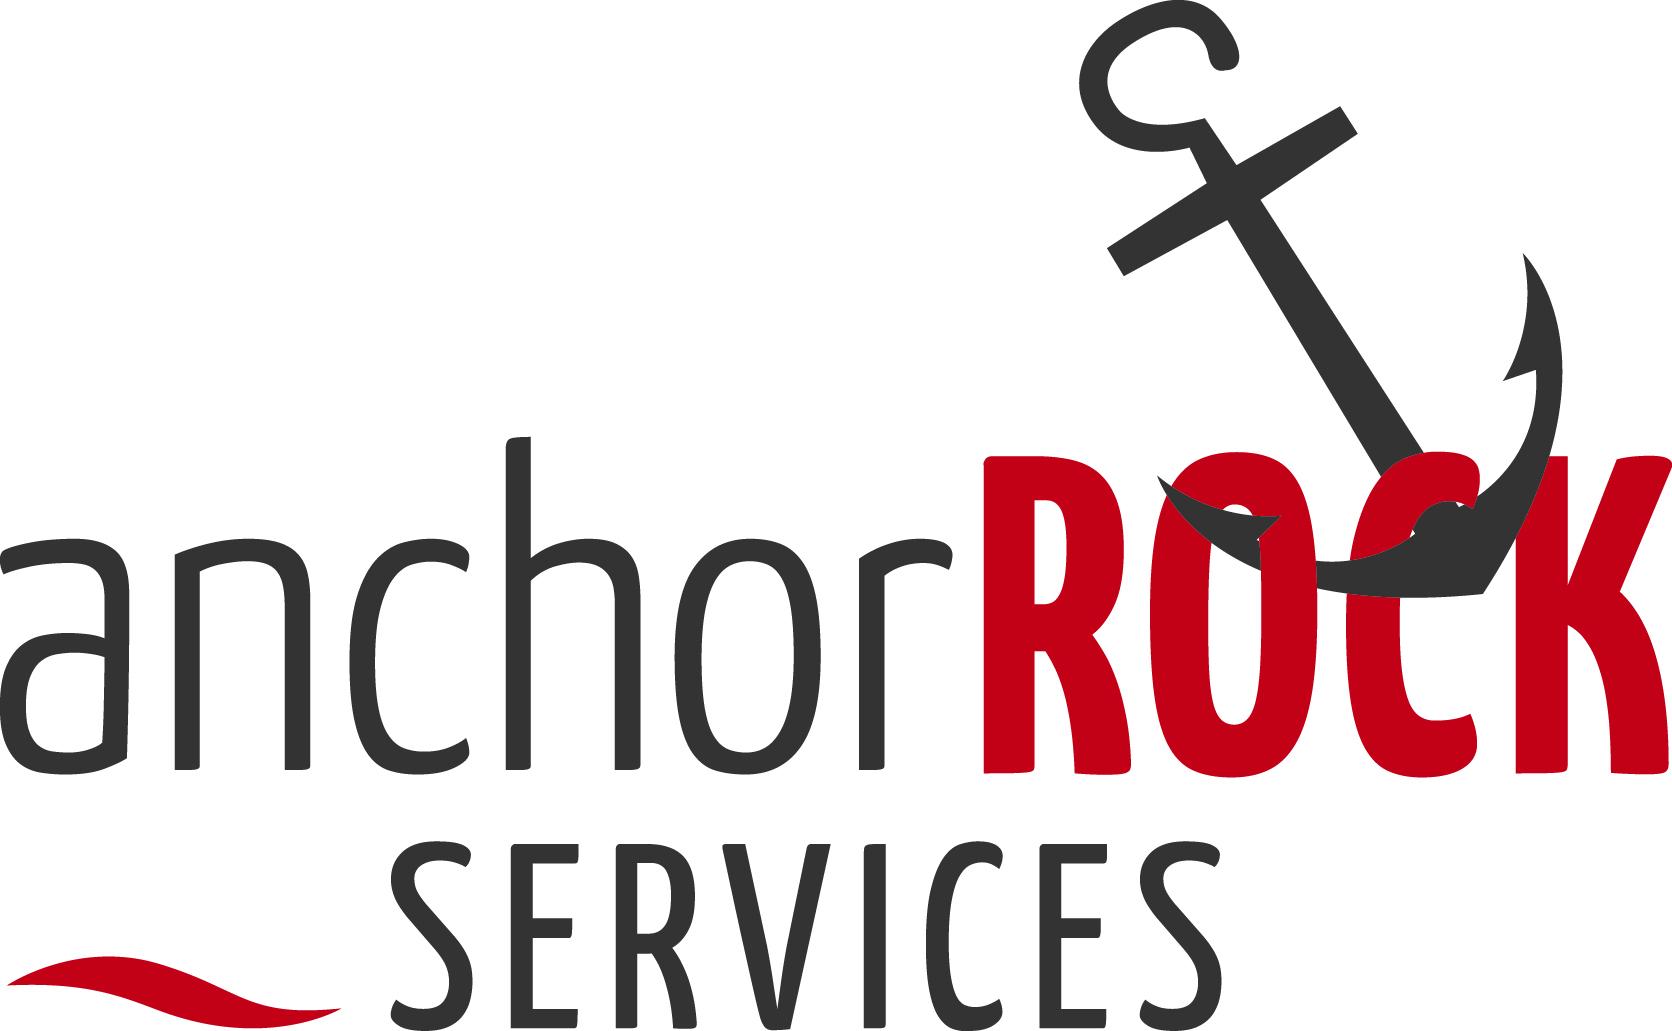 anchor-rock-services-logo-image